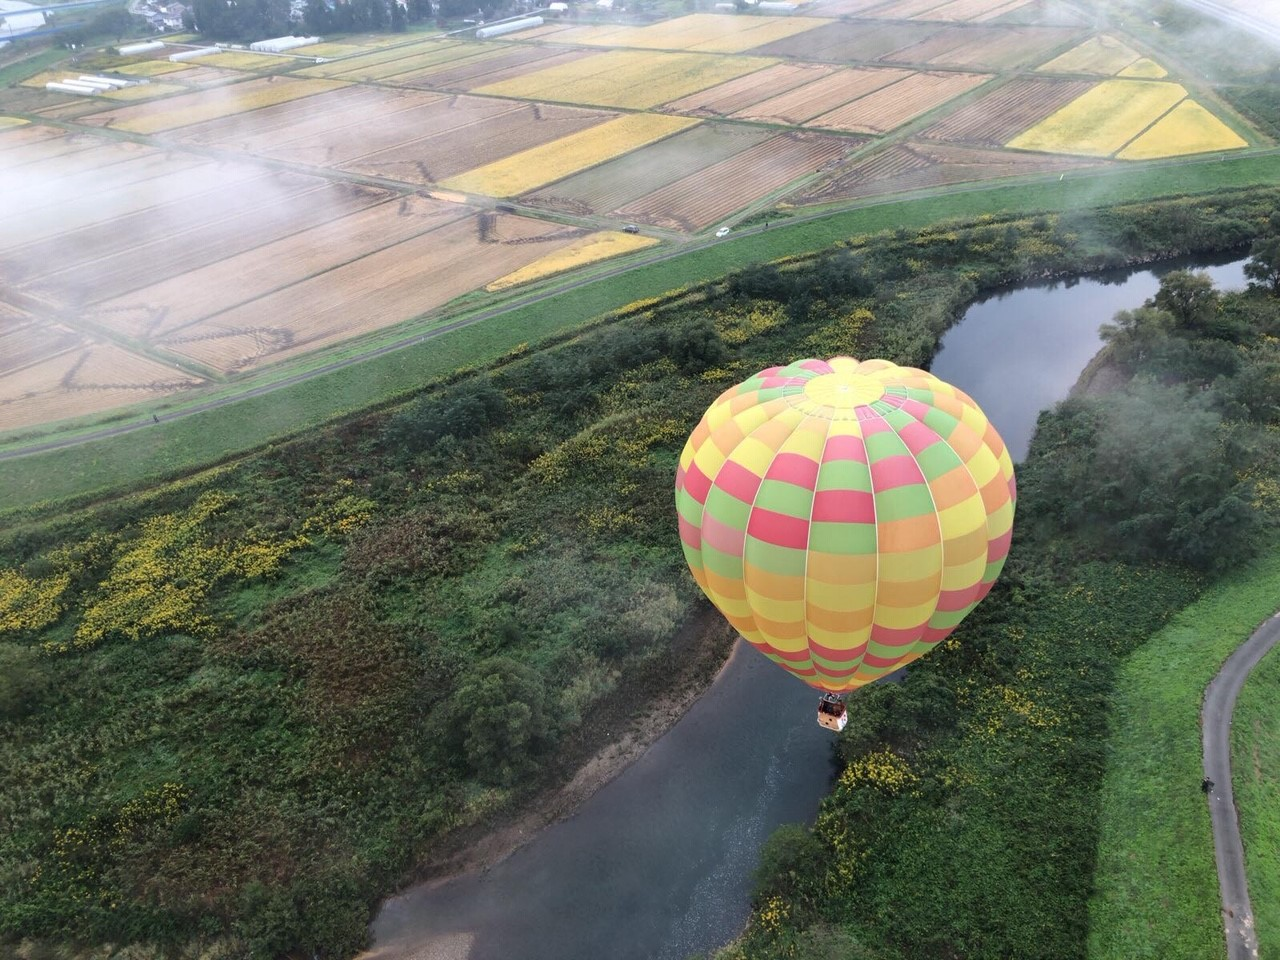 熱気球フリーフライト体験のイメージ